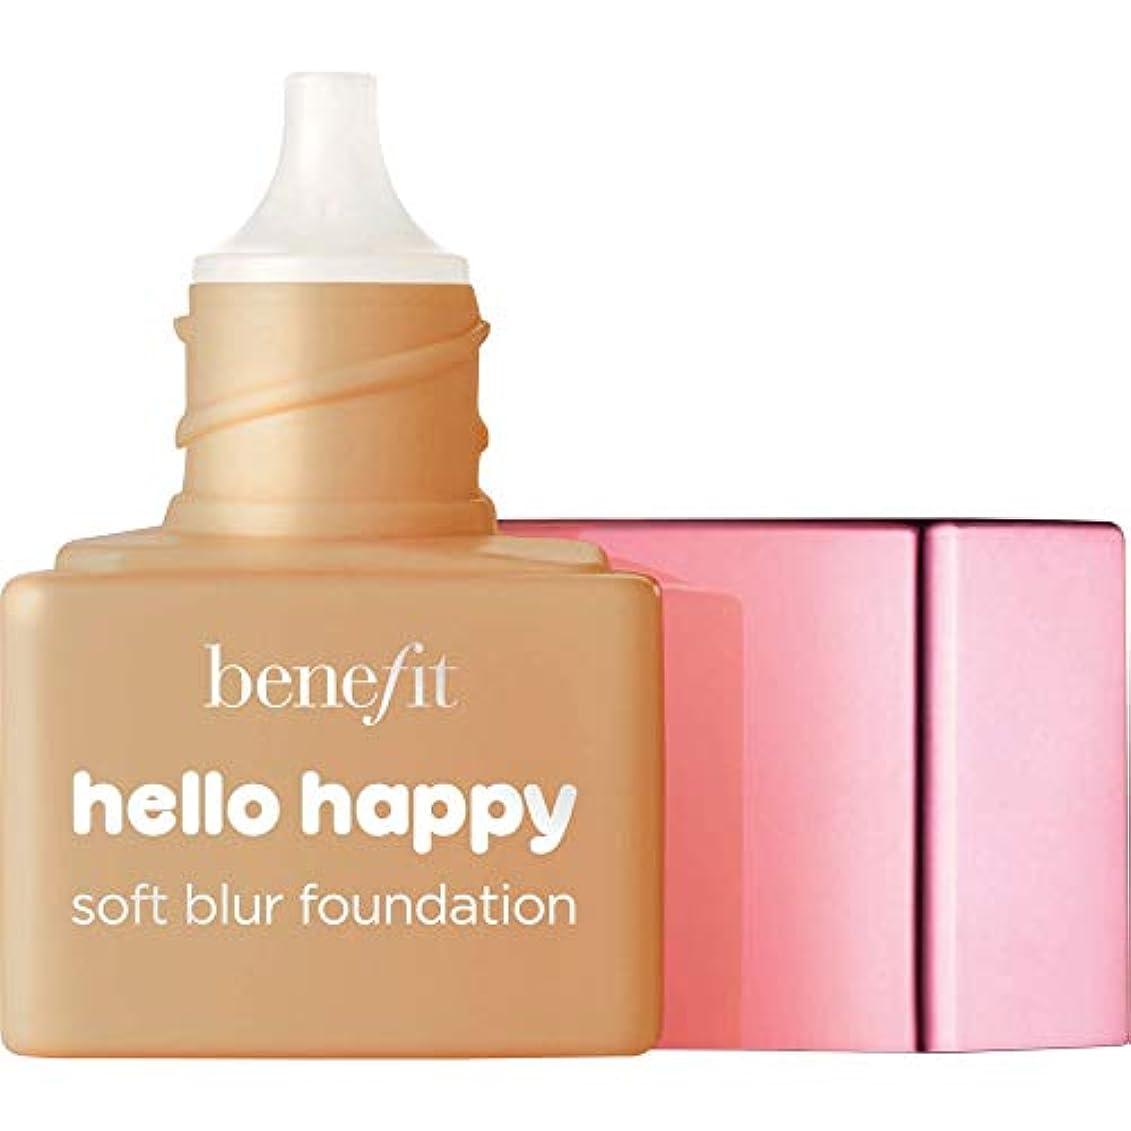 計算ファンサンプル[Benefit] ミニ6 - - こんにちは幸せソフトブラー基礎Spf15の6ミリリットルの利益温培地 - Benefit Hello Happy Soft Blur Foundation SPF15 6ml - Mini...